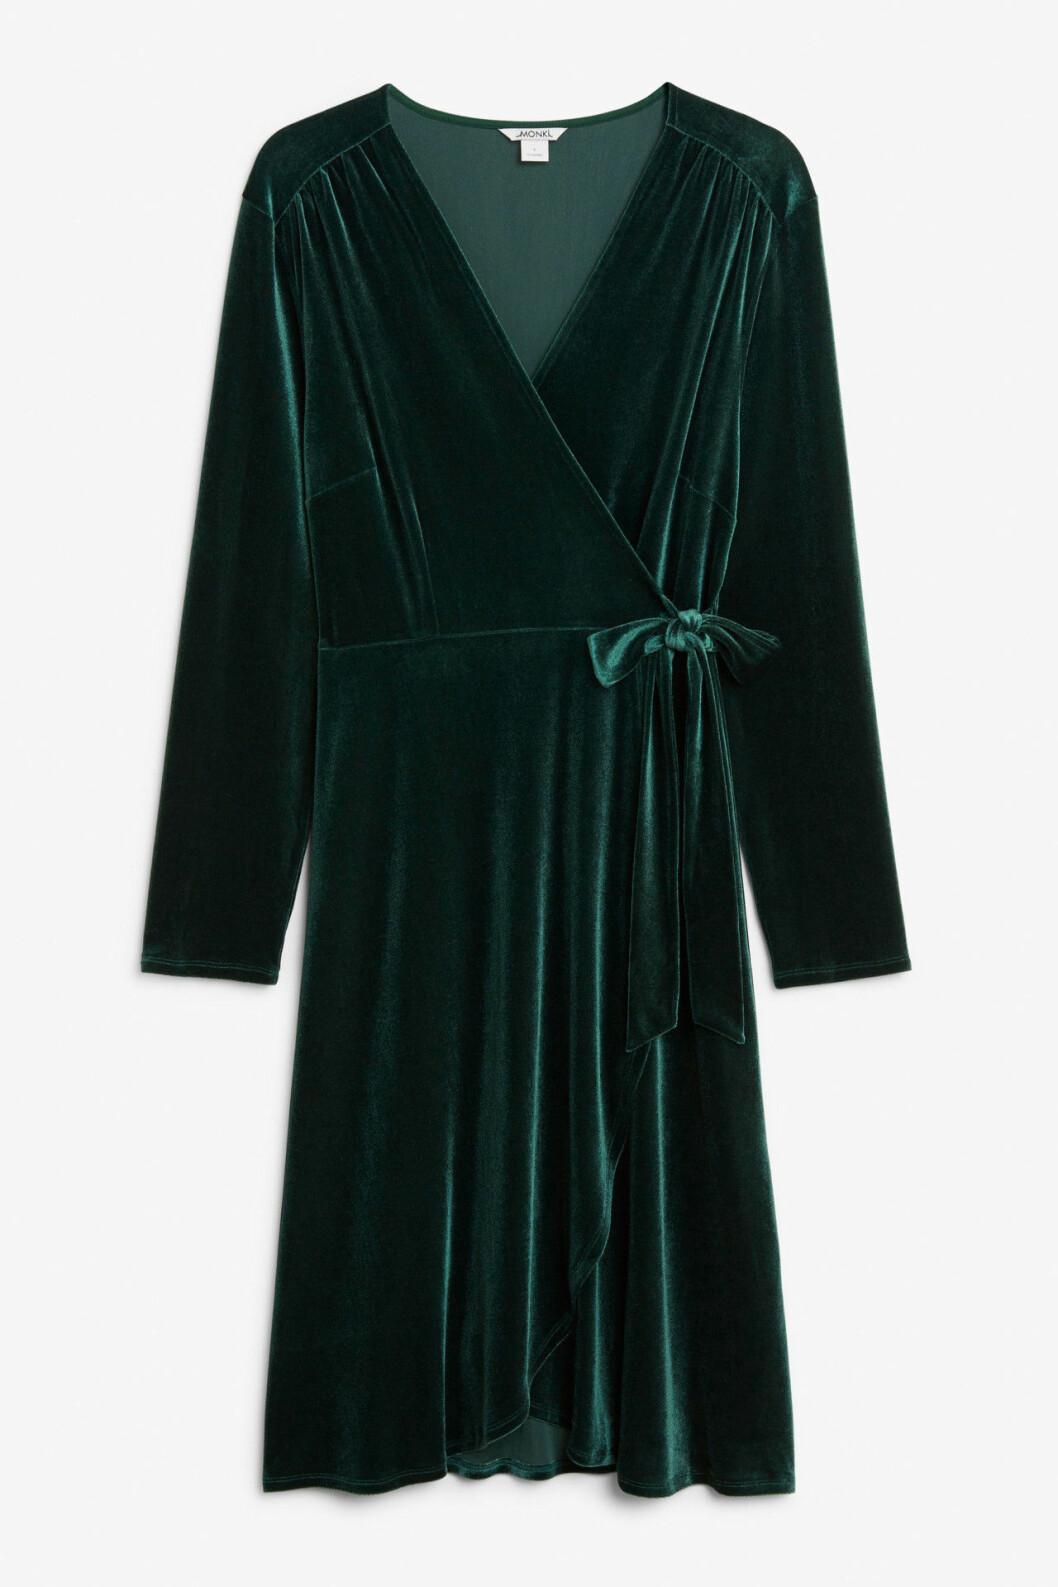 Grön sammetsklänning till fest